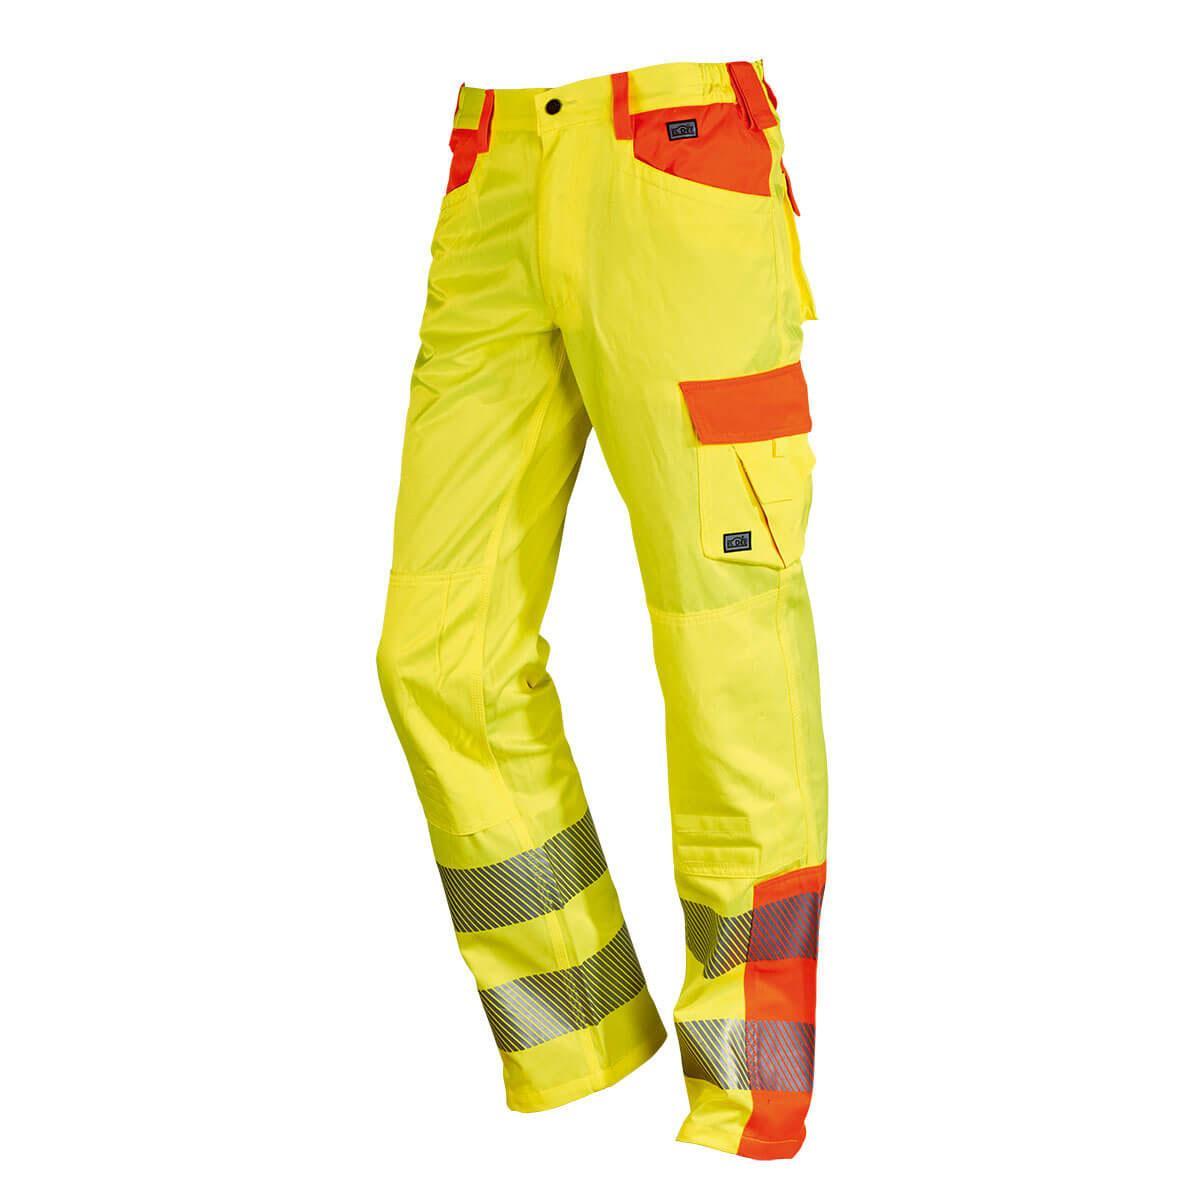 YO-HiViz Bundhose gelb/orange mit Reflexstreifen